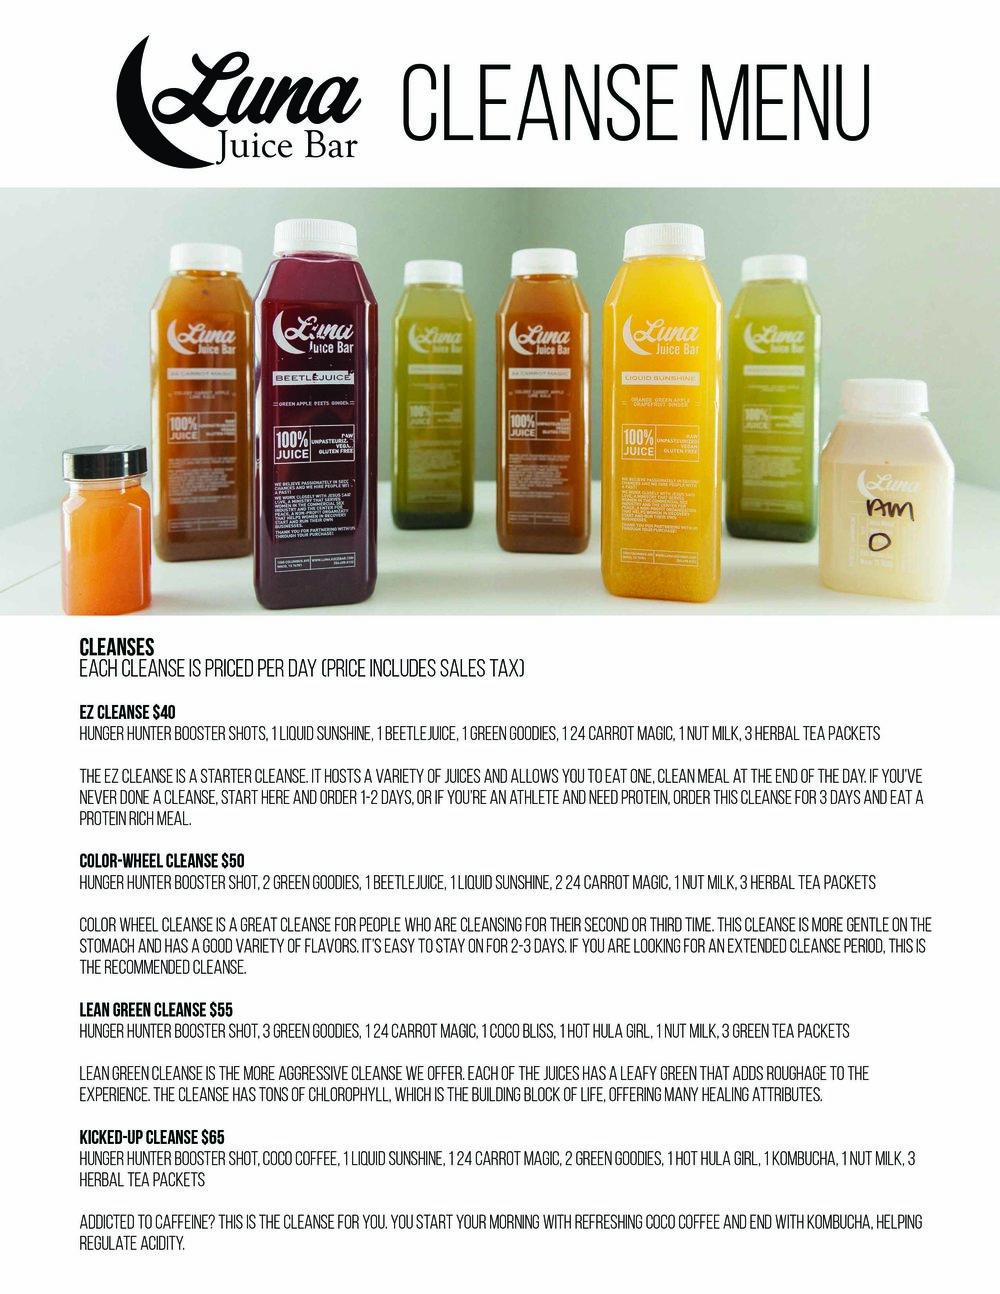 Luna Juice Cleanse Menu 01 (1).jpg